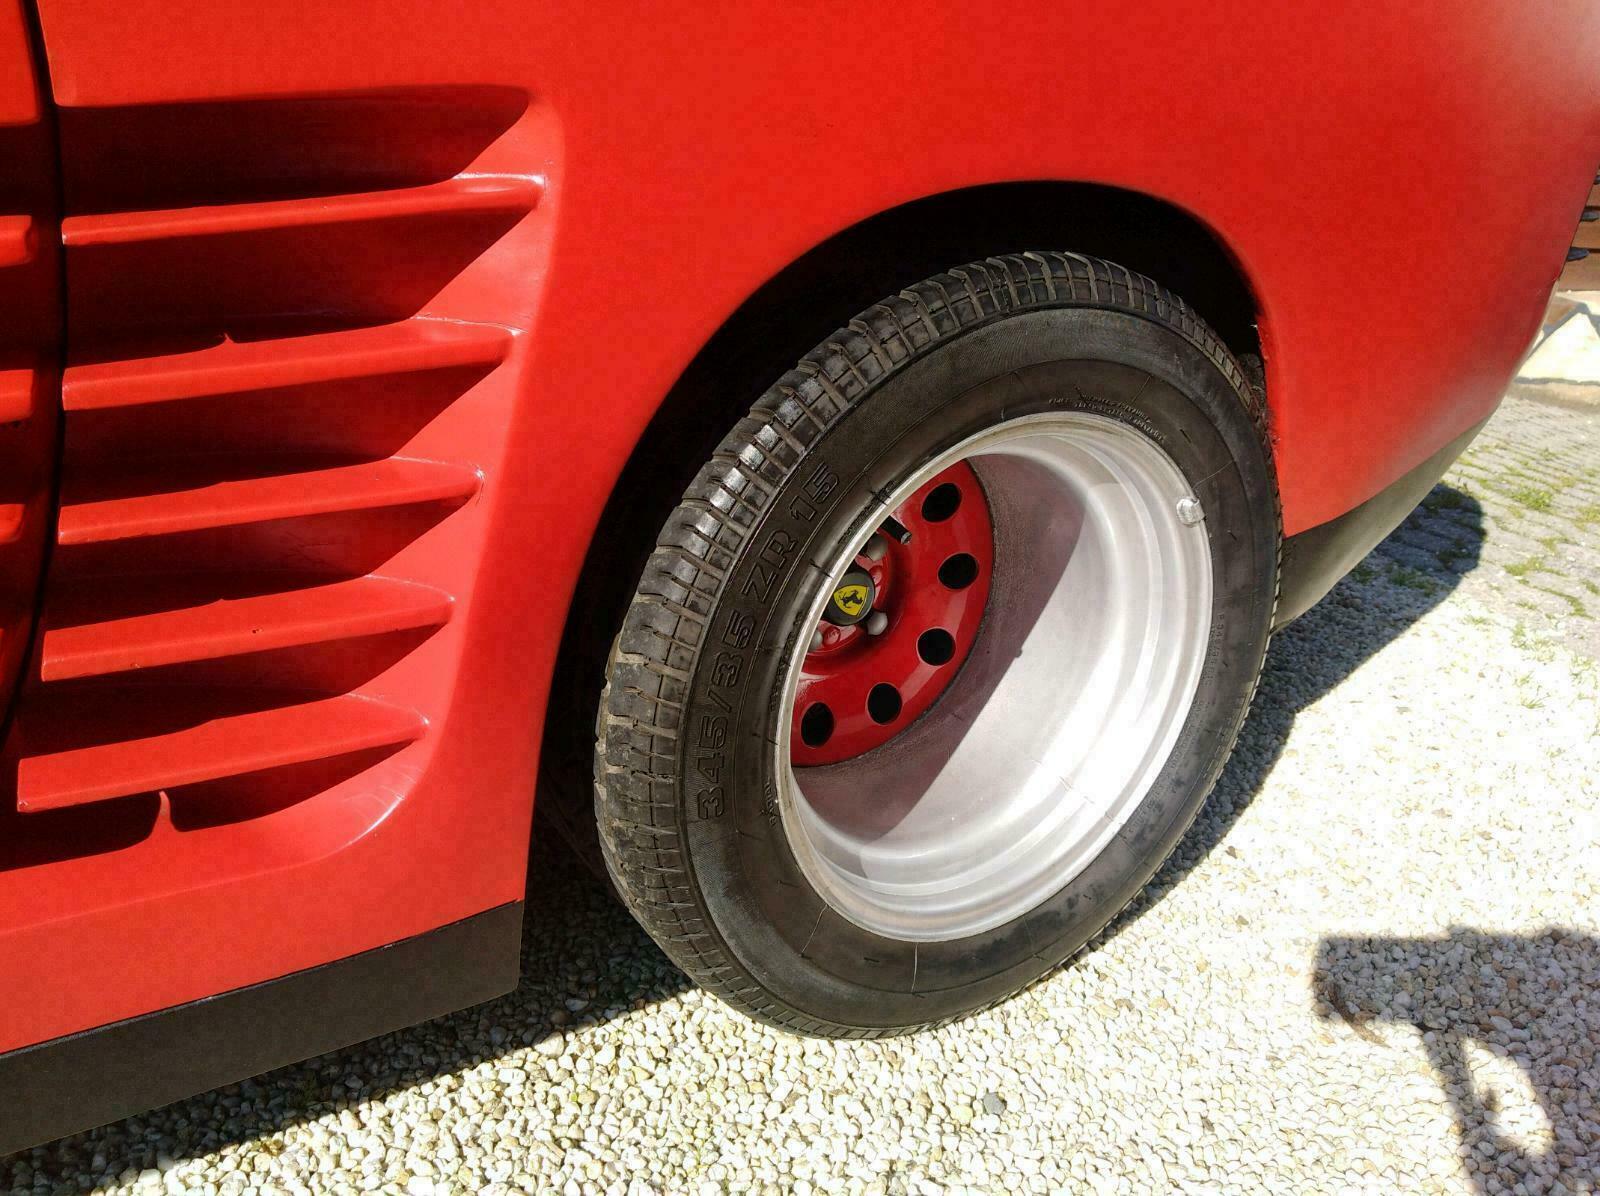 Porsche-924-Ferrari-Testarossa-Replica-3